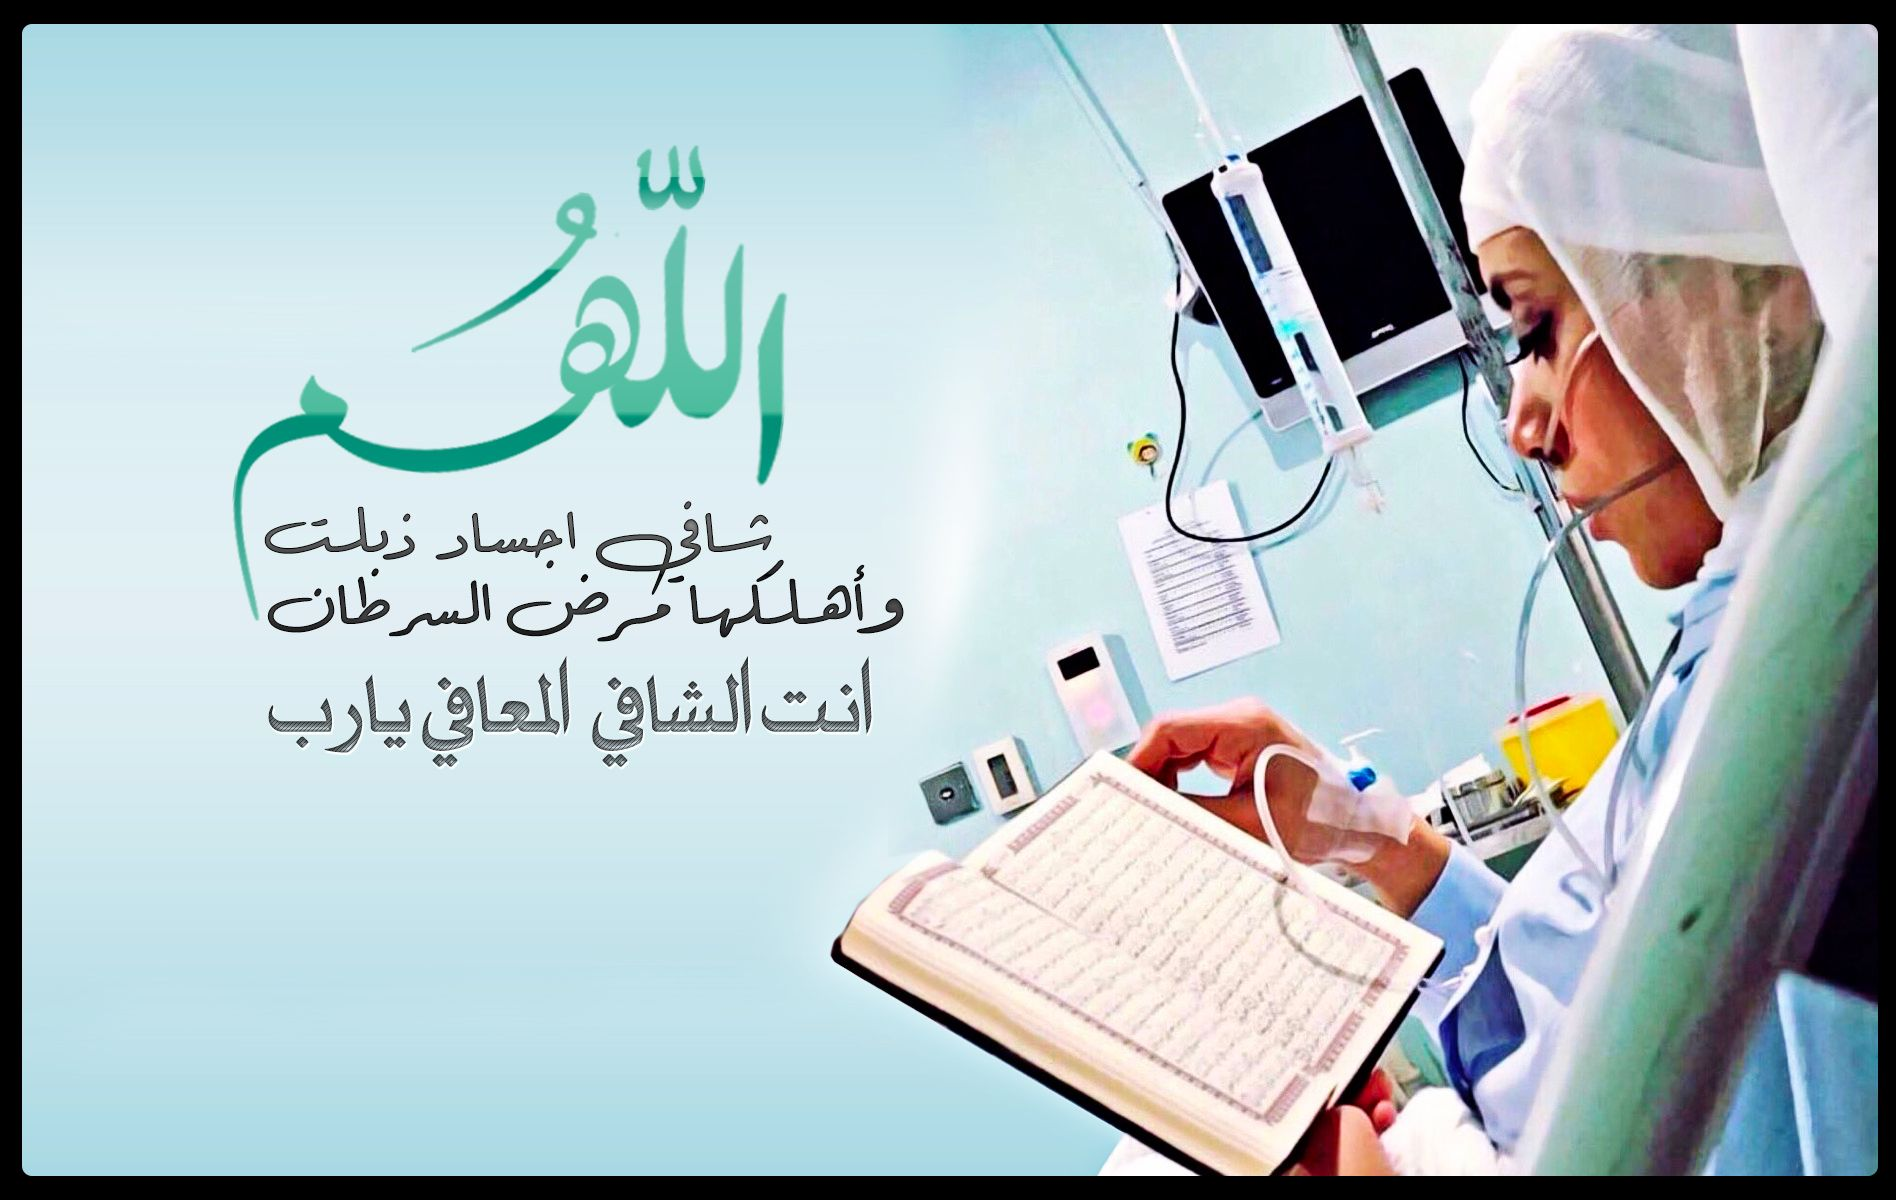 اللهم شافي اجساد ذبلت وأهلكها مرض السرطان انت الشافي المعافي يارب شيماء العيدي Islam